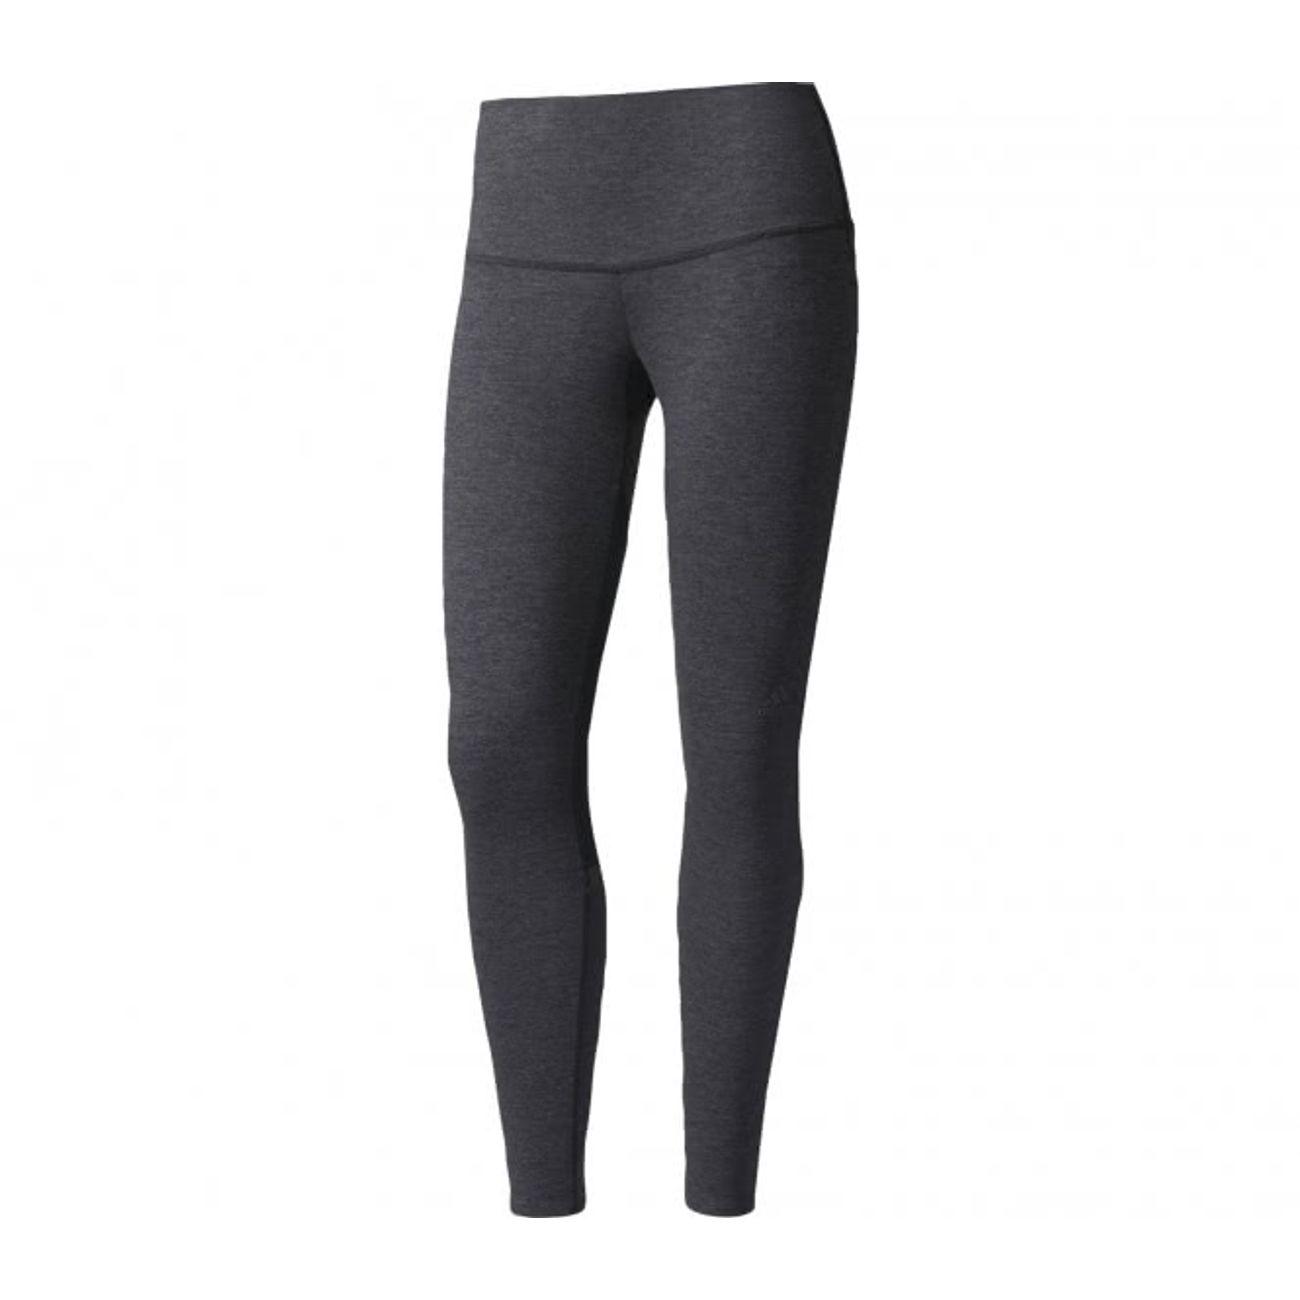 pantalon ADIDAS Ultra running running de femme pour femmes gris 78 Adidas wqtrZWX5Z